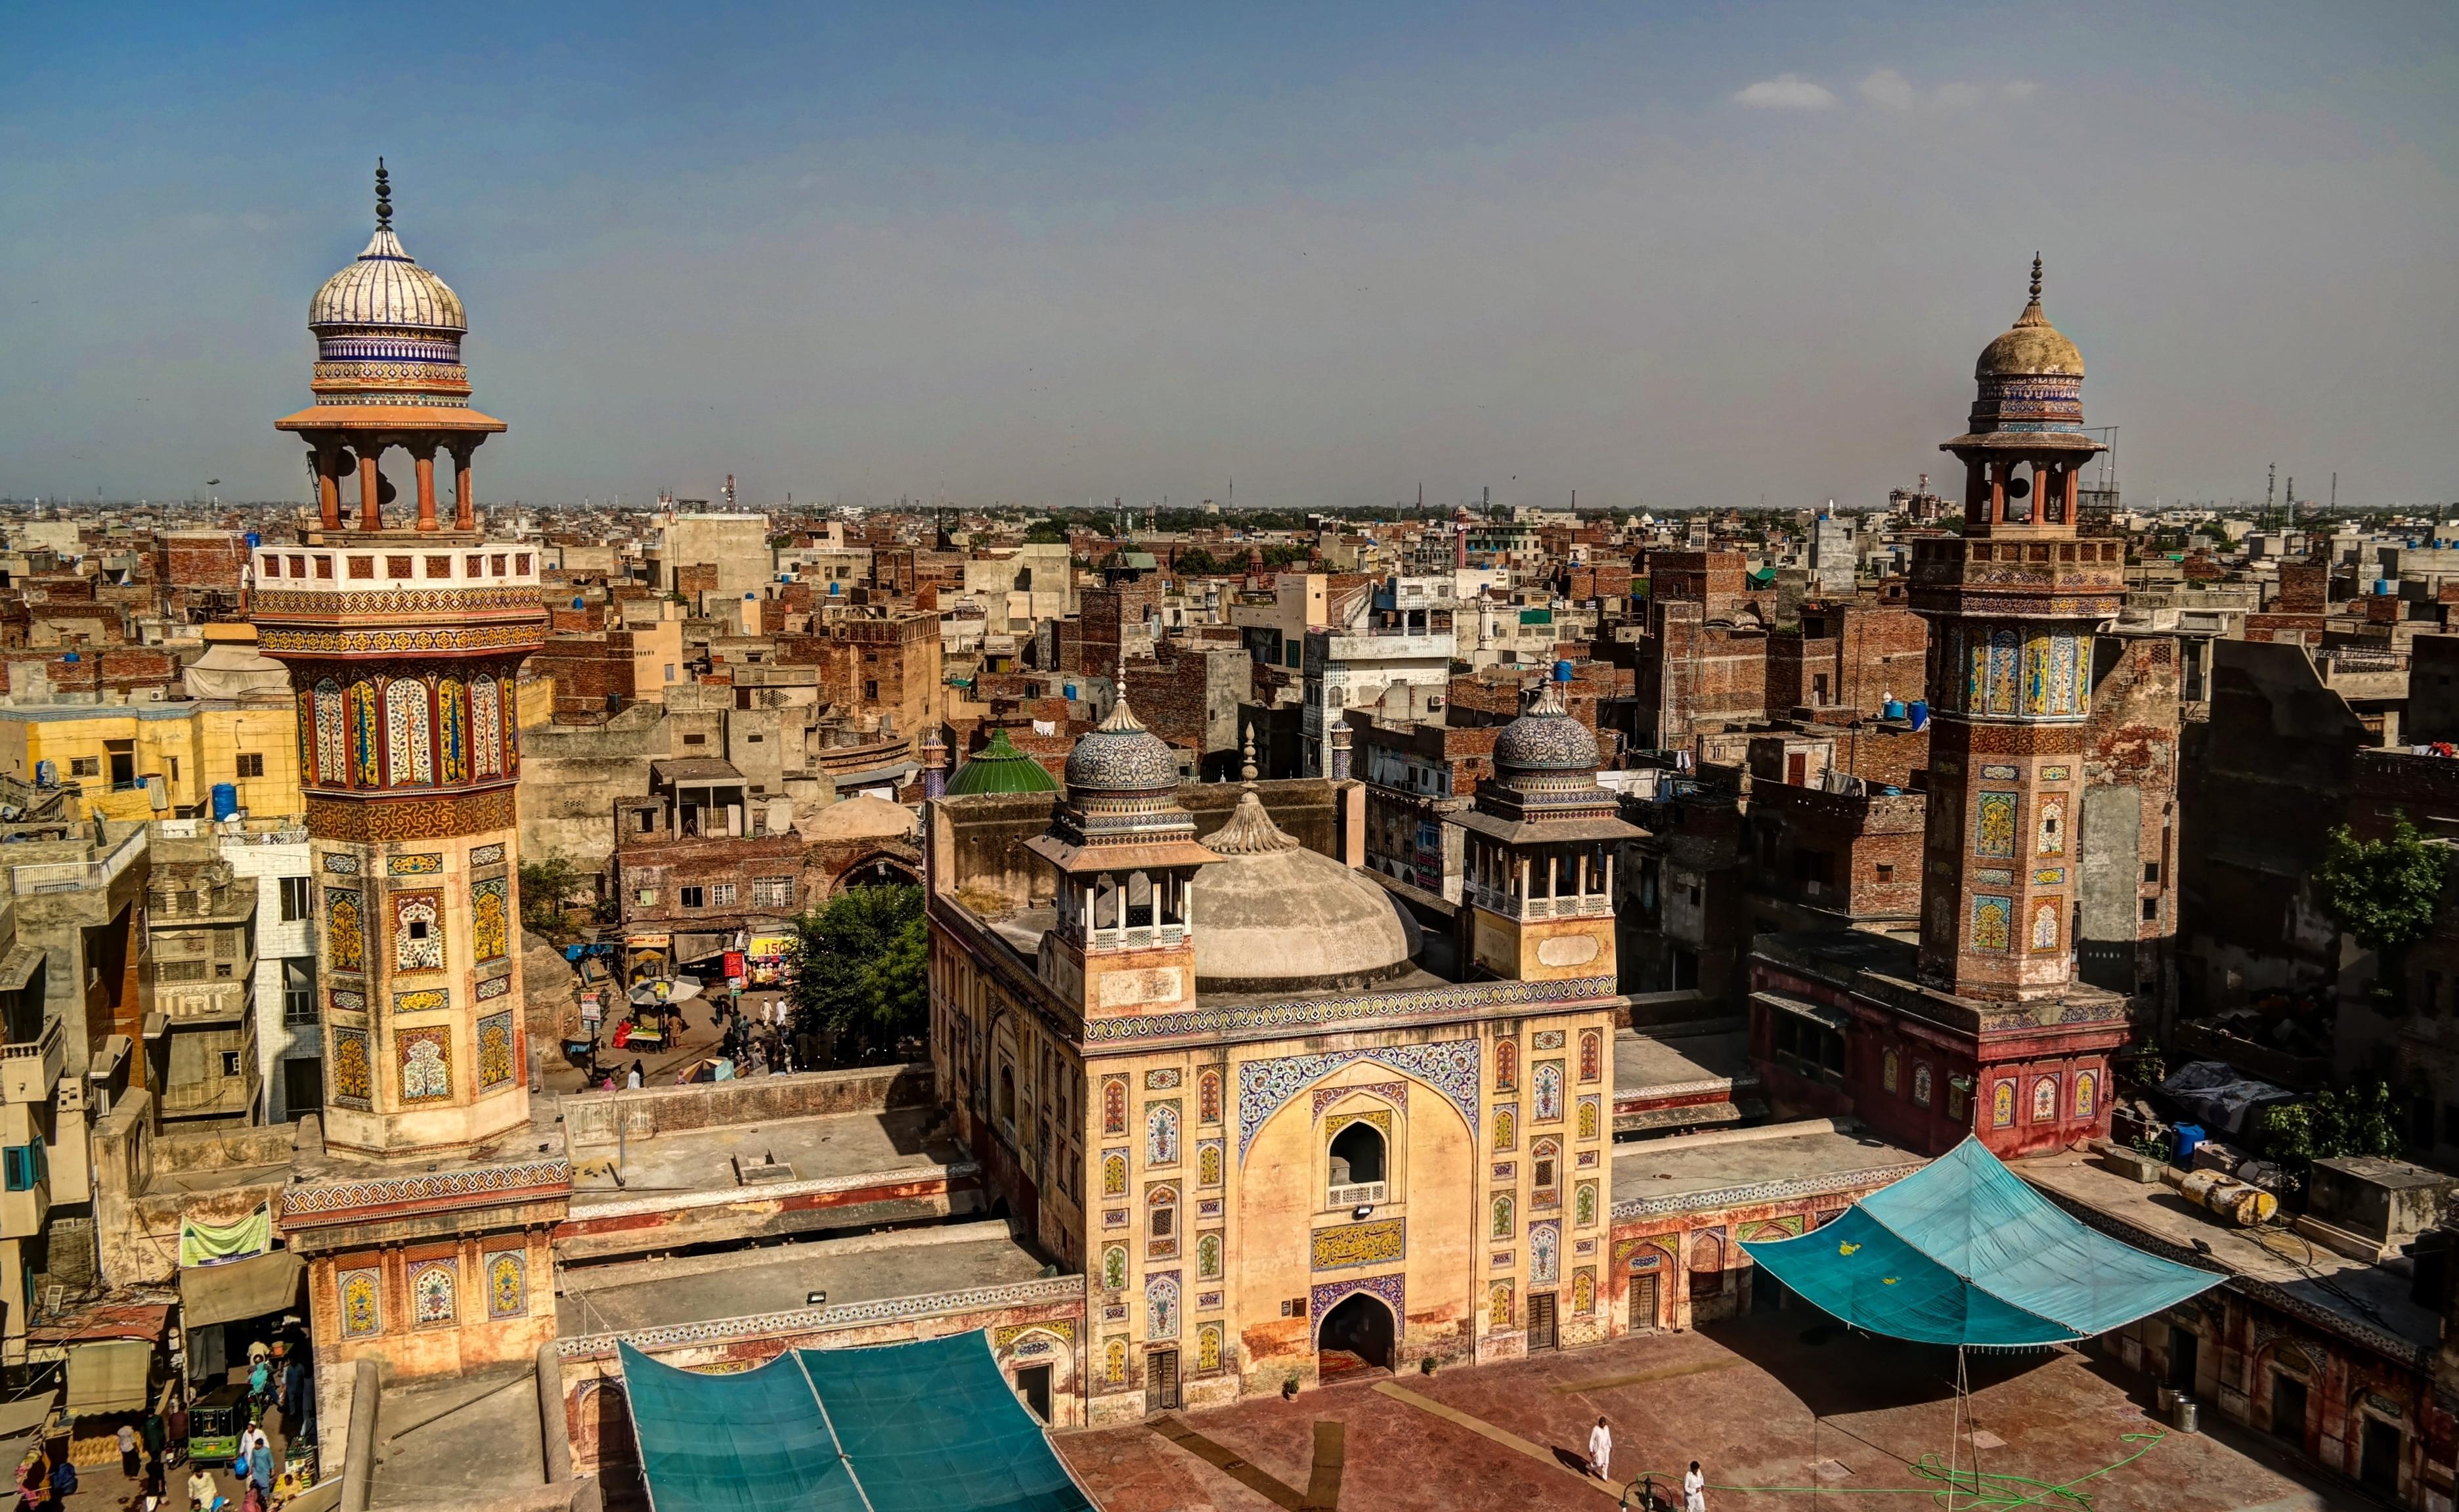 Lahore, Punjab, Pakistan